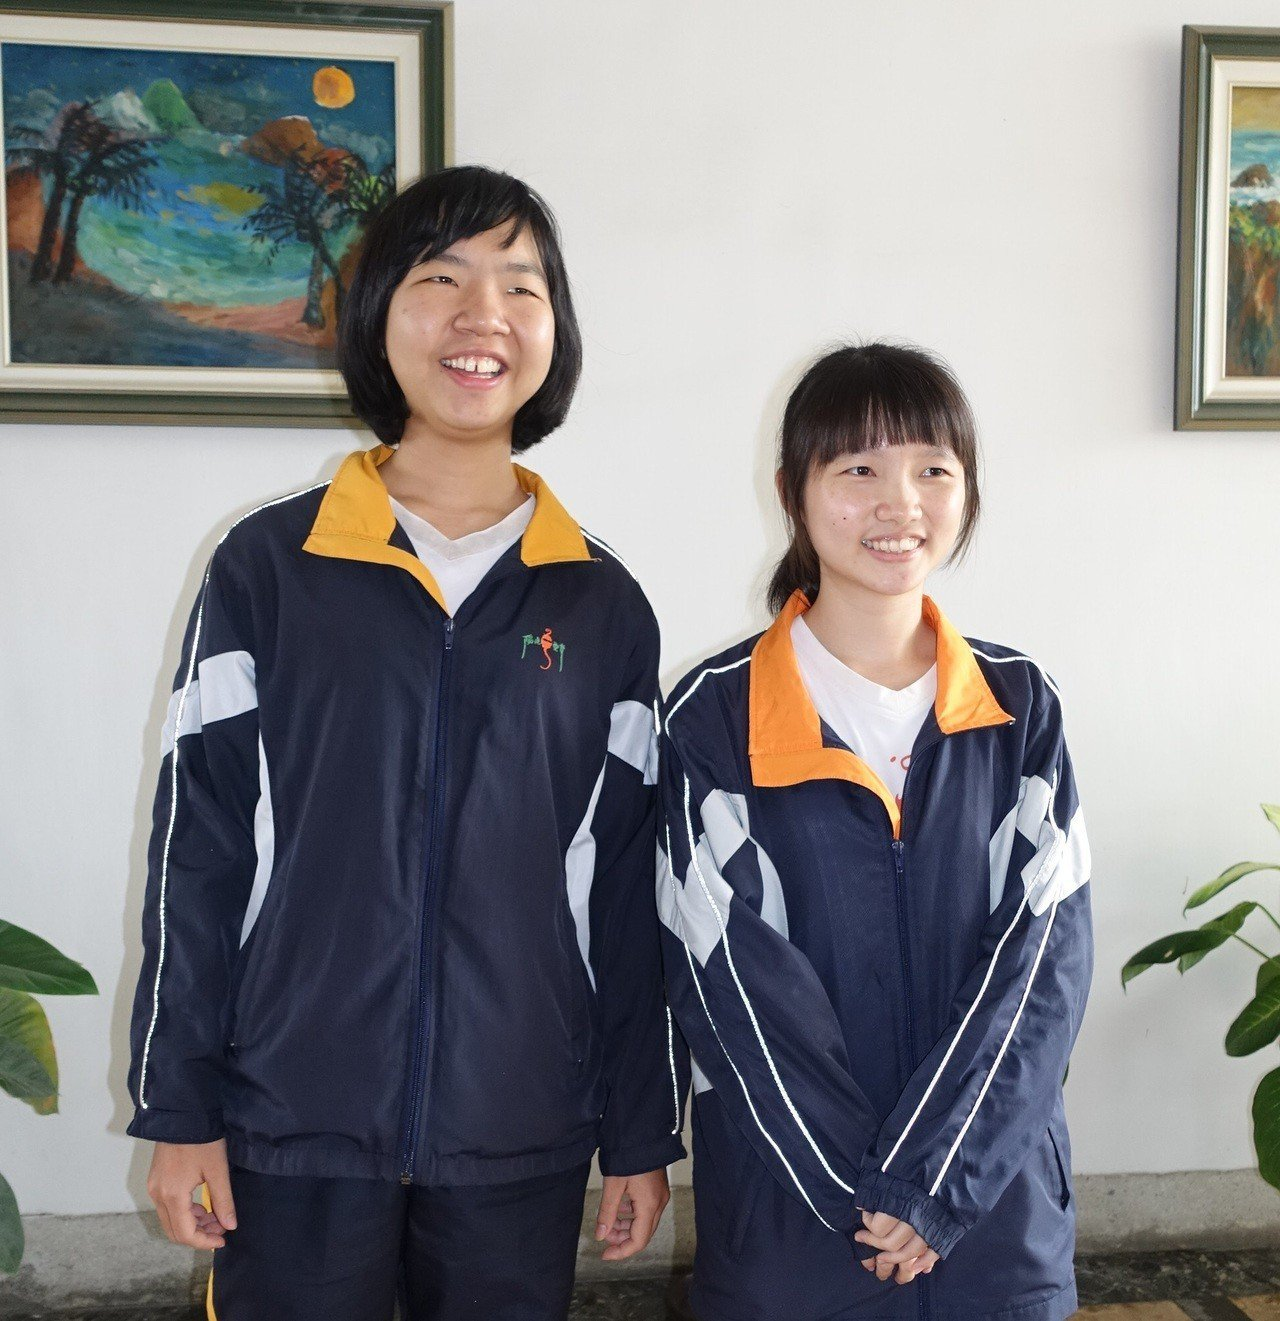 屏東女中兩位同班同學江芷綾(右)與林彥瑩(左)雙雙考出4科滿級分 未來都想當醫...